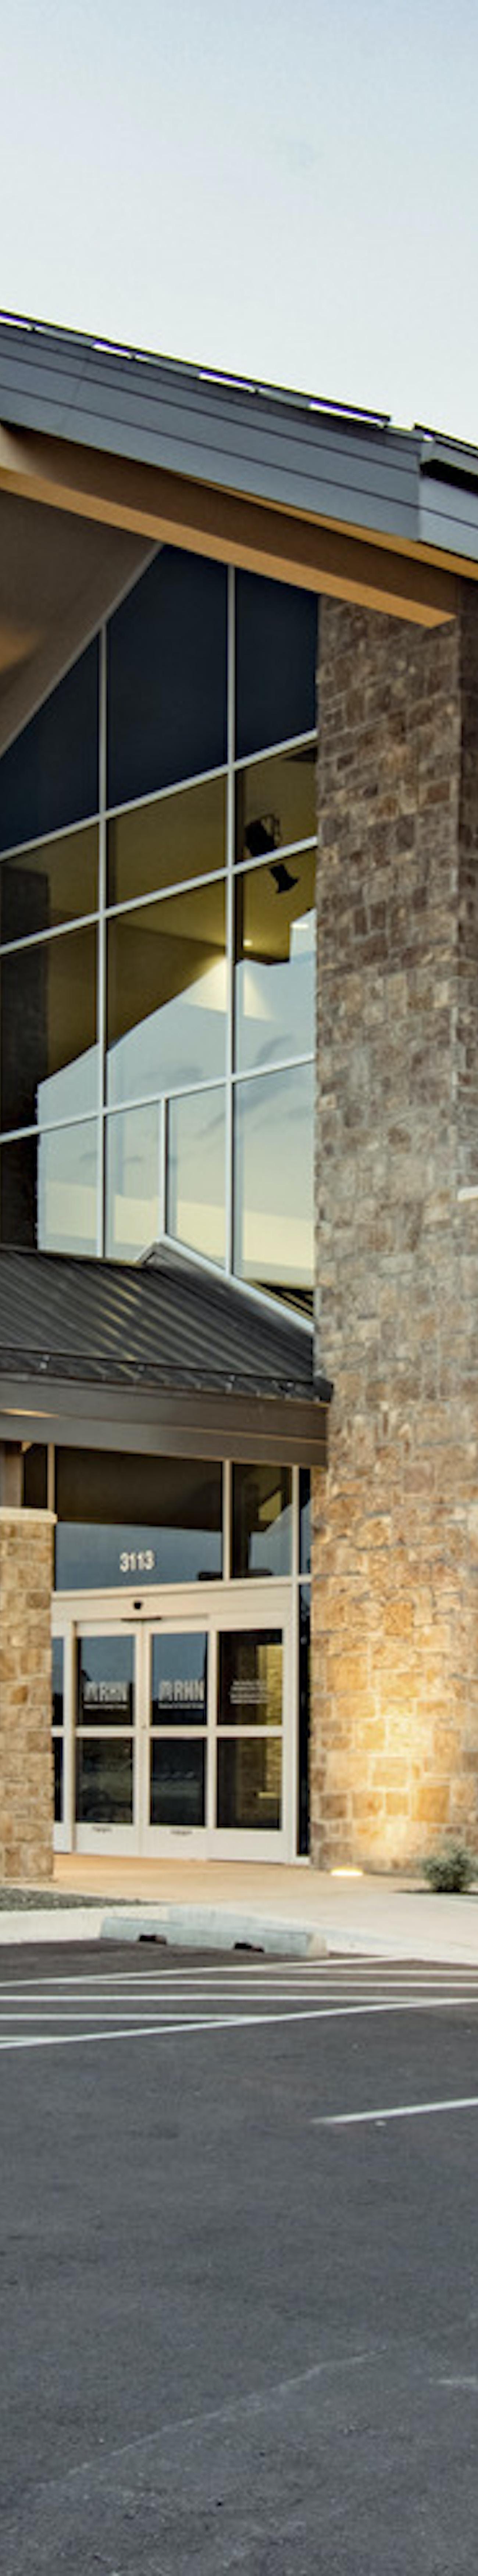 Regence Health Network Medical Office Building